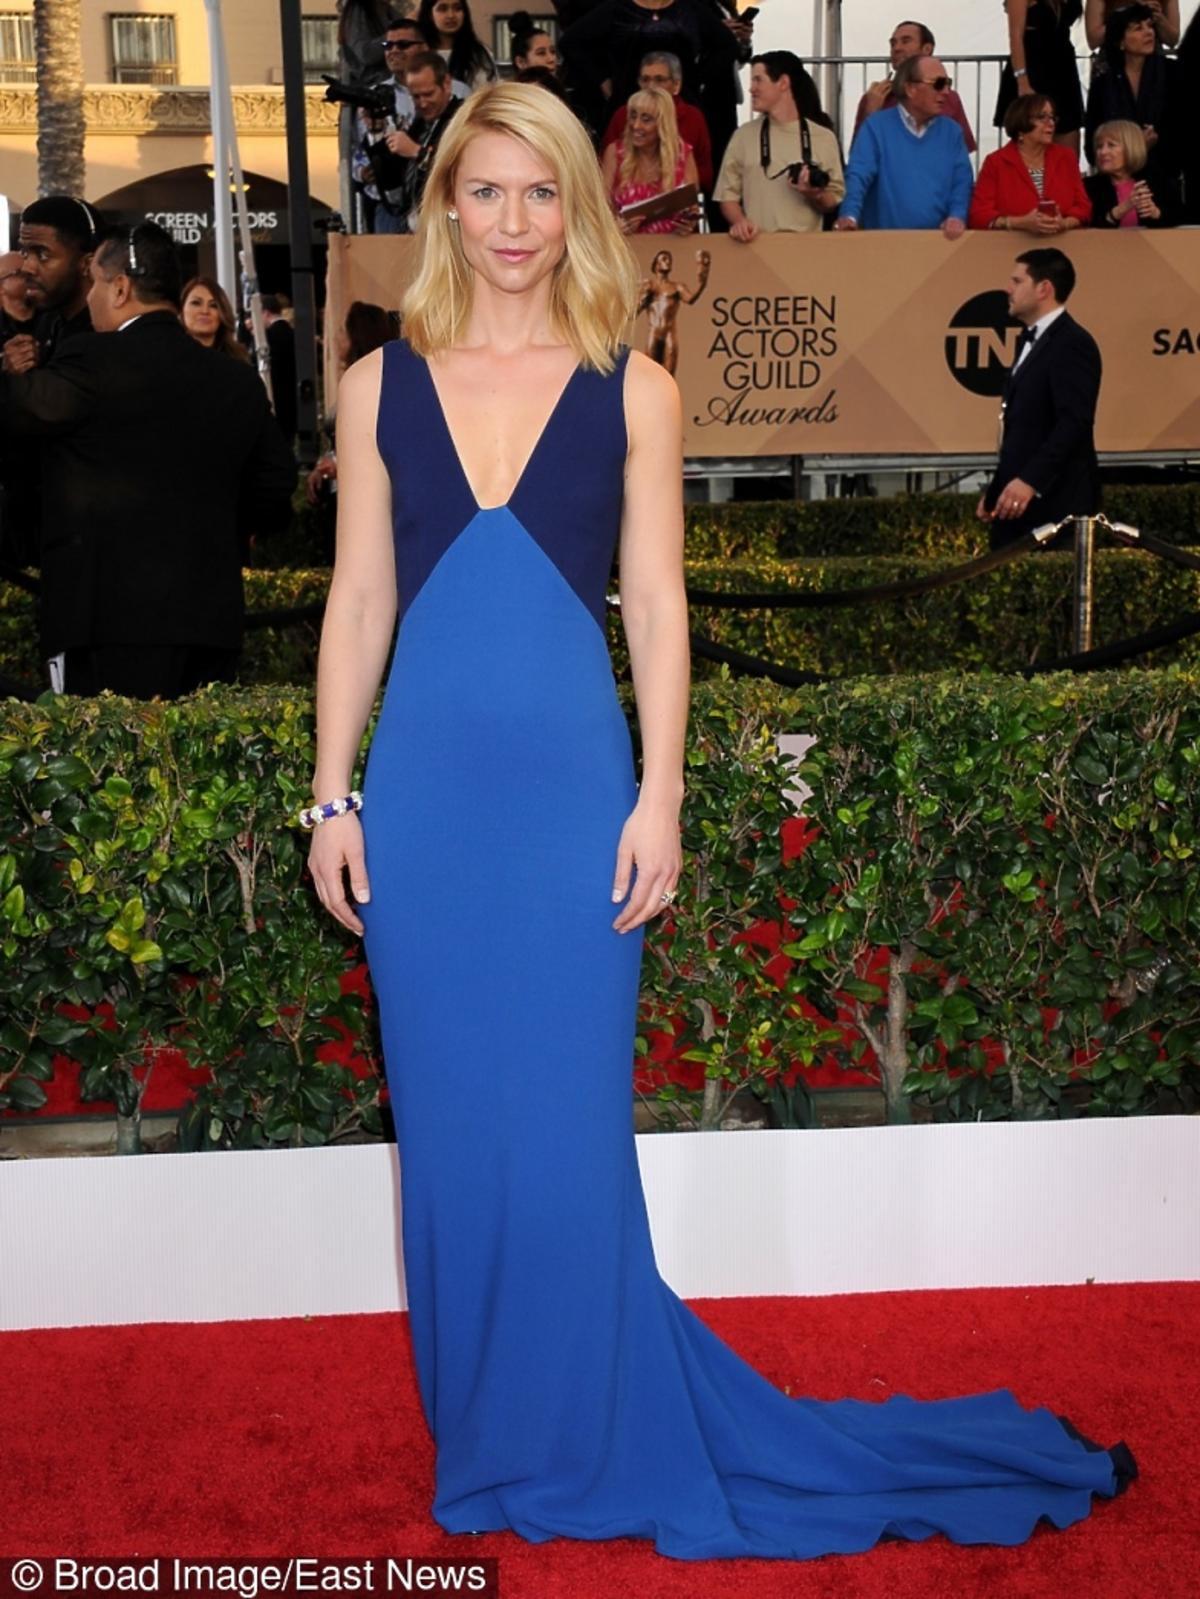 Claire Danes w niebieskiej sukni z trenem na czerwonym dywanie